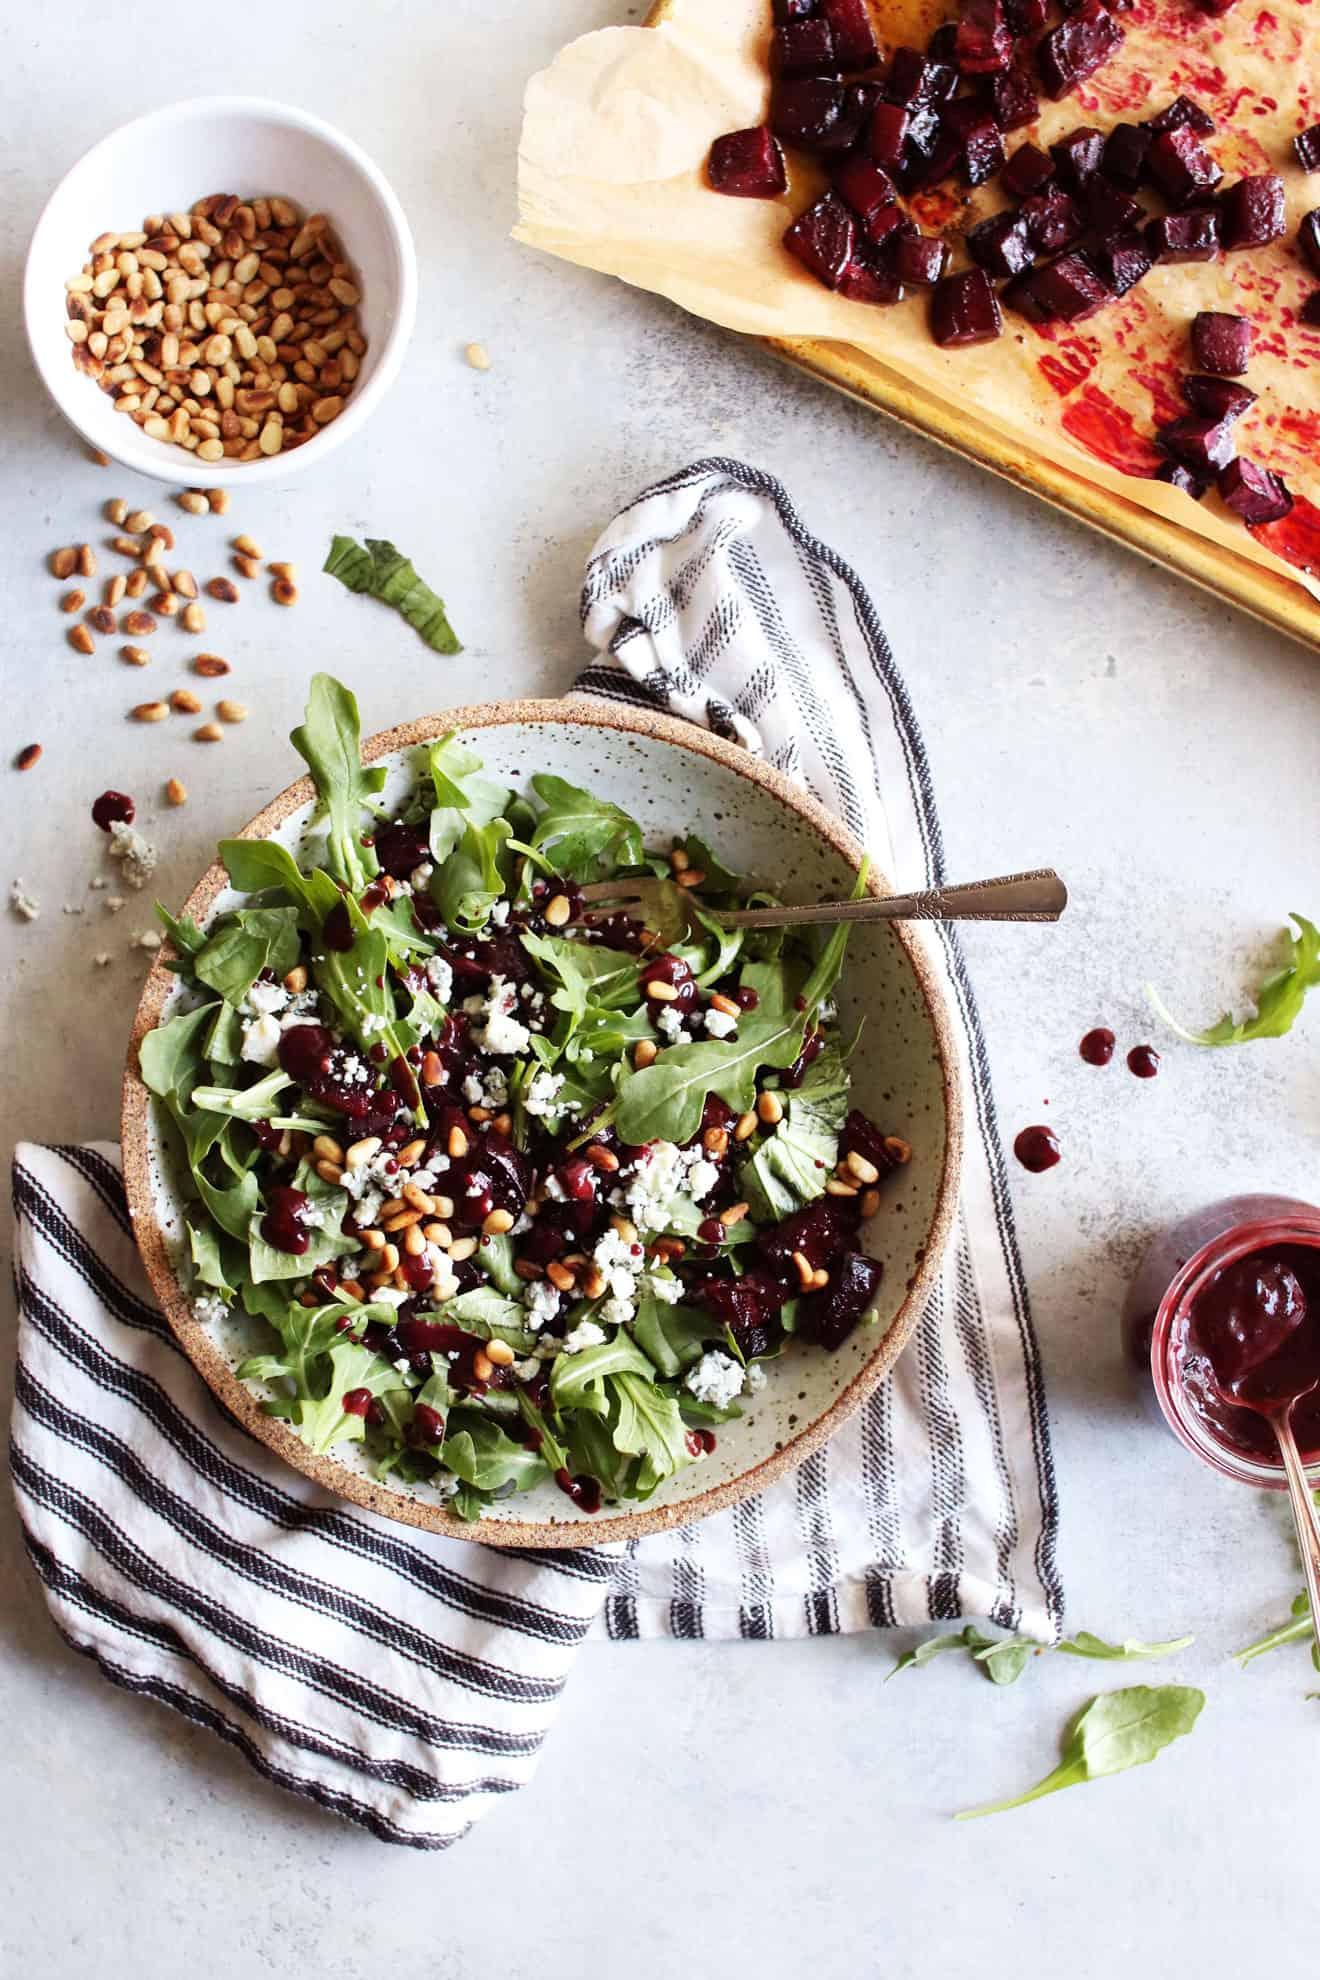 Roasted Beet Salad + Blueberry Vinaigrette